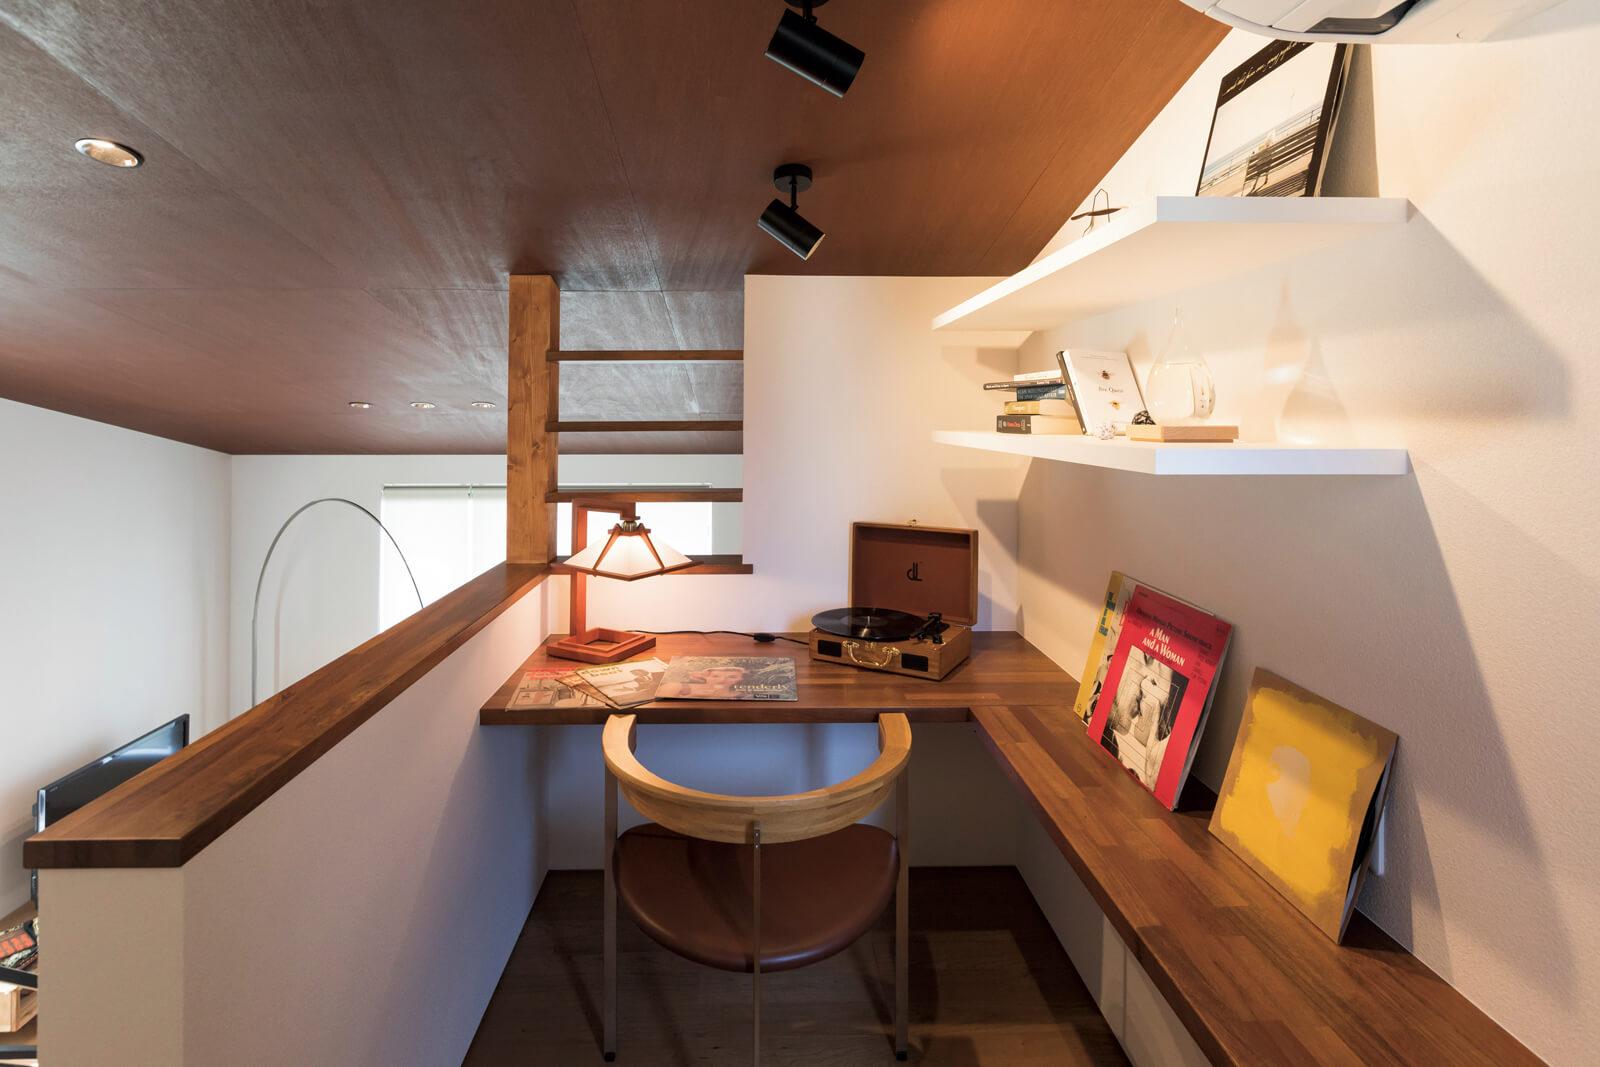 リビングを望める階段の上には、秘密基地のような書斎コーナーが。 オープンながらもこもれる空間だ